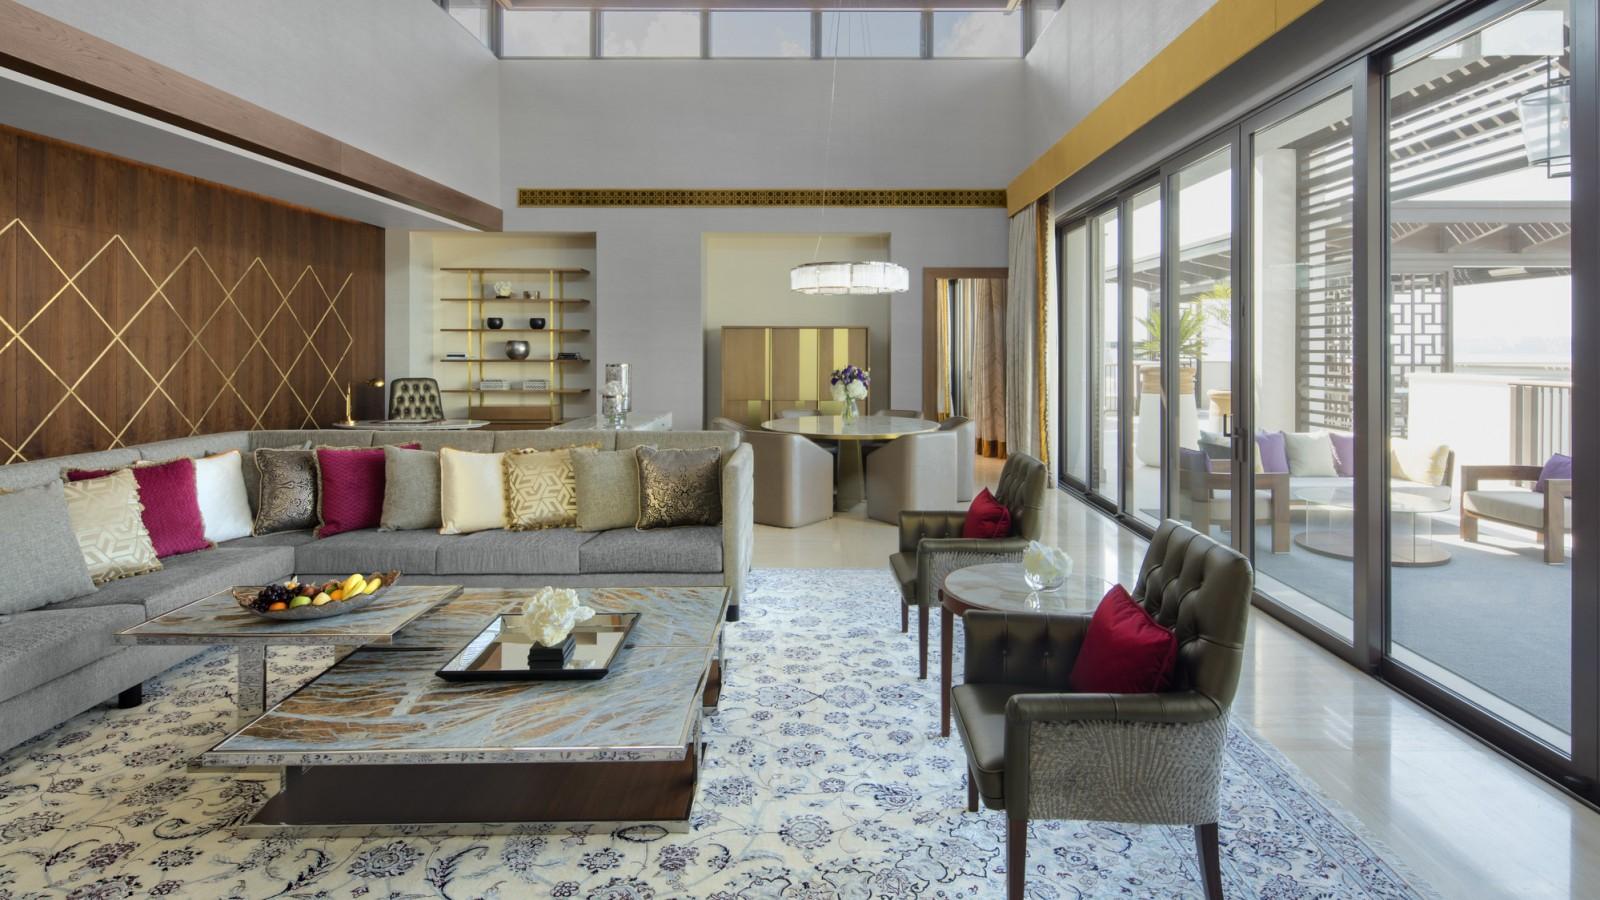 Jumeirah Al Naseem - Presidential Suite - Living Room